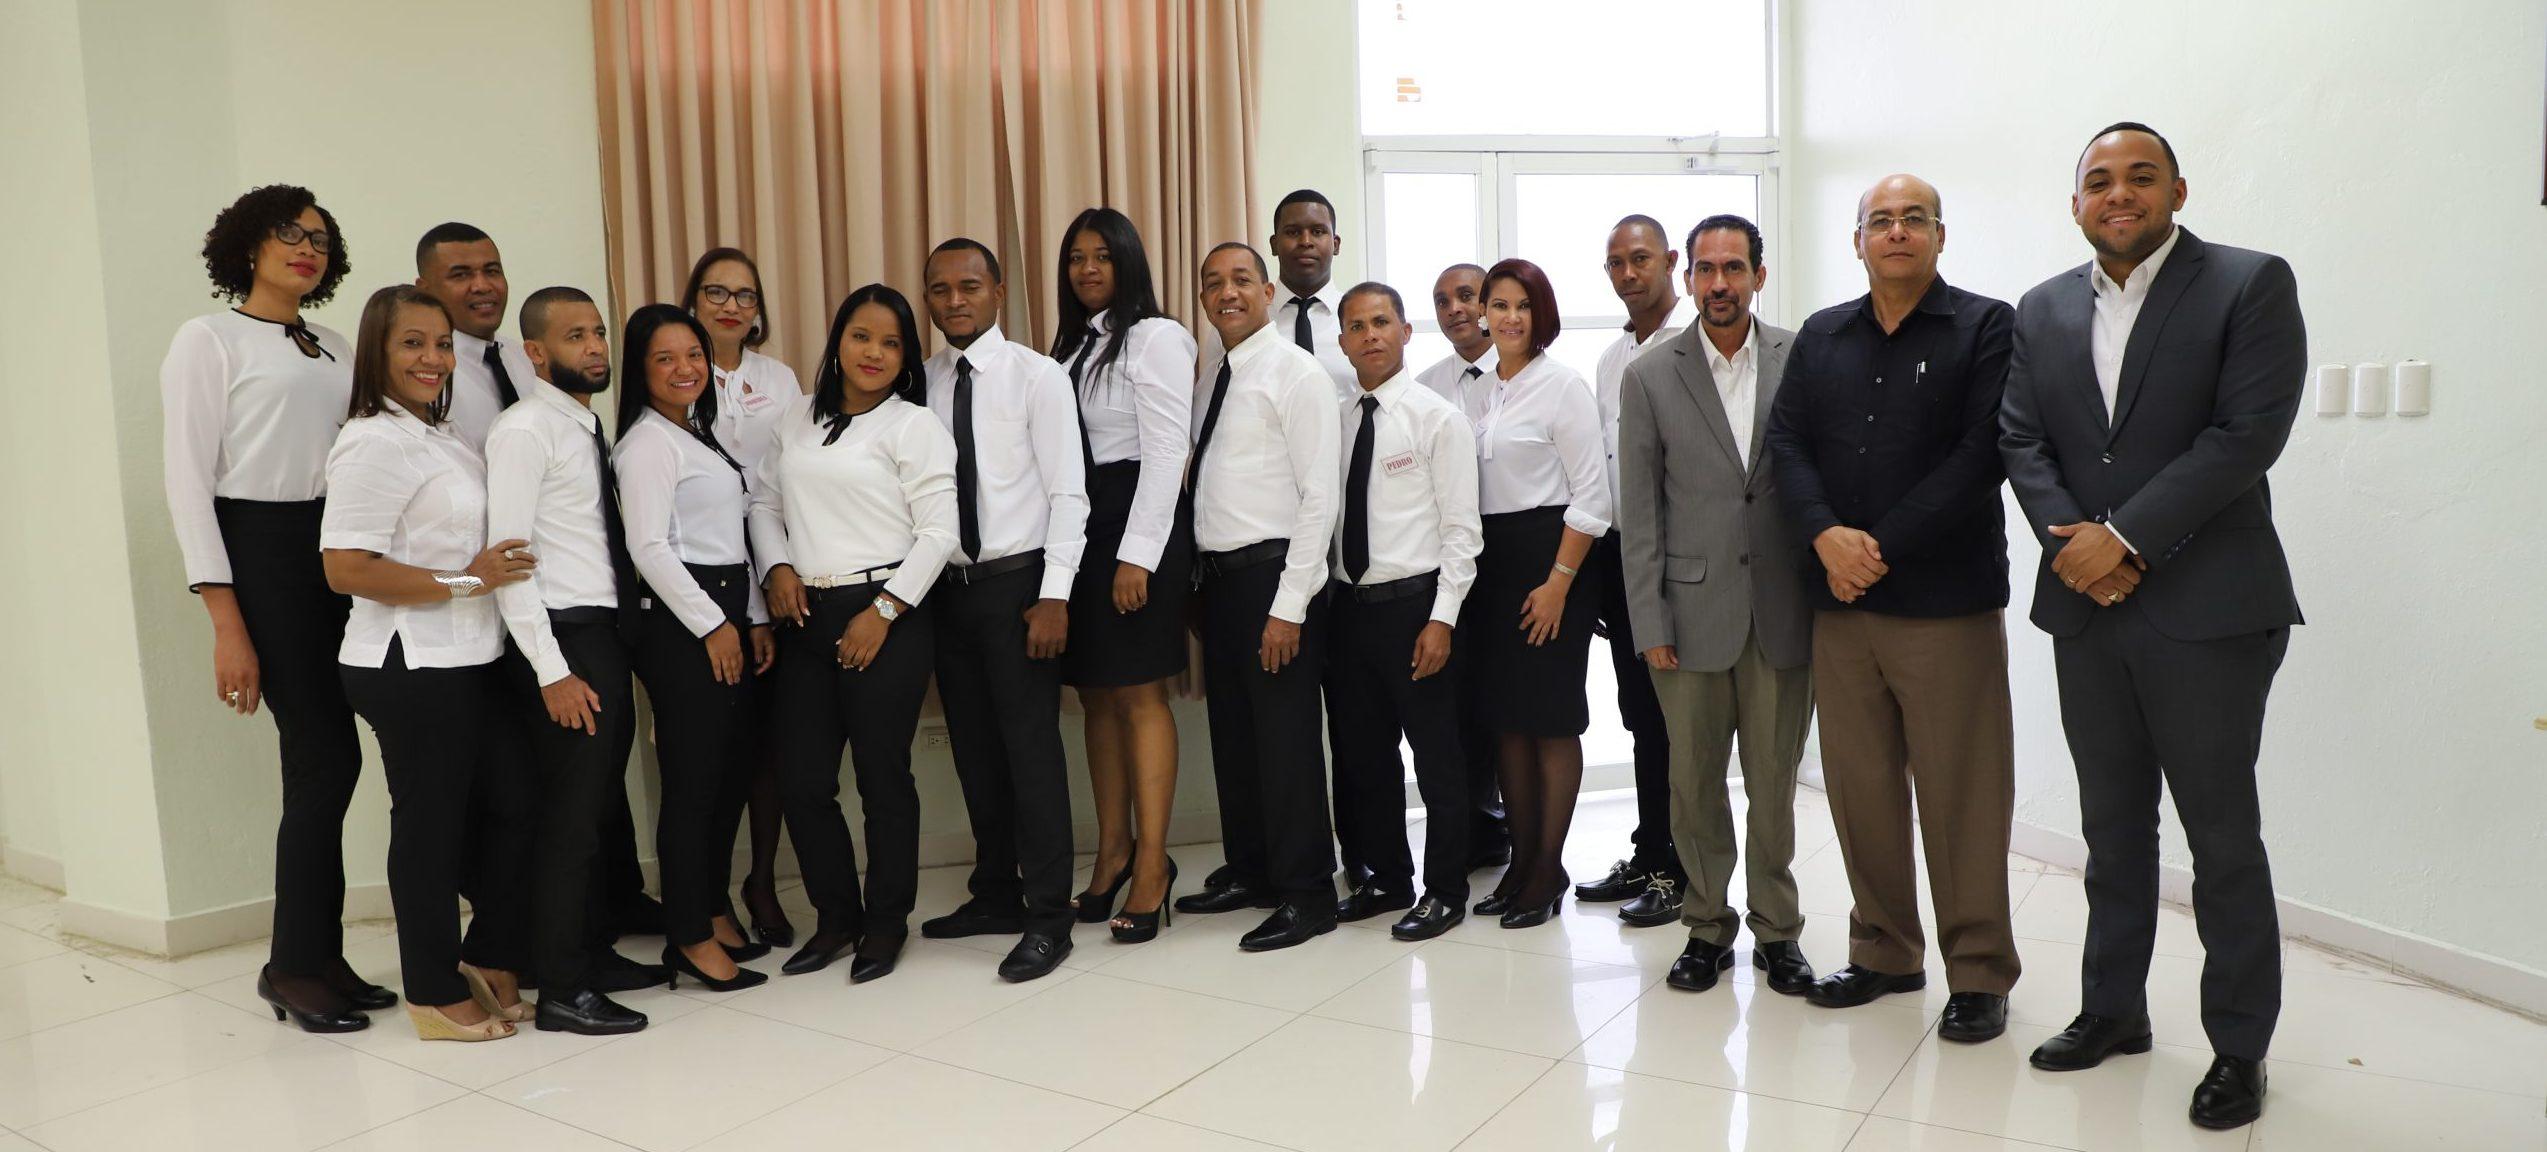 Estudiantes de la Facultad de Ciencias Jurídicas y Políticas presentan Trabajo Final de Monográfico No. 04